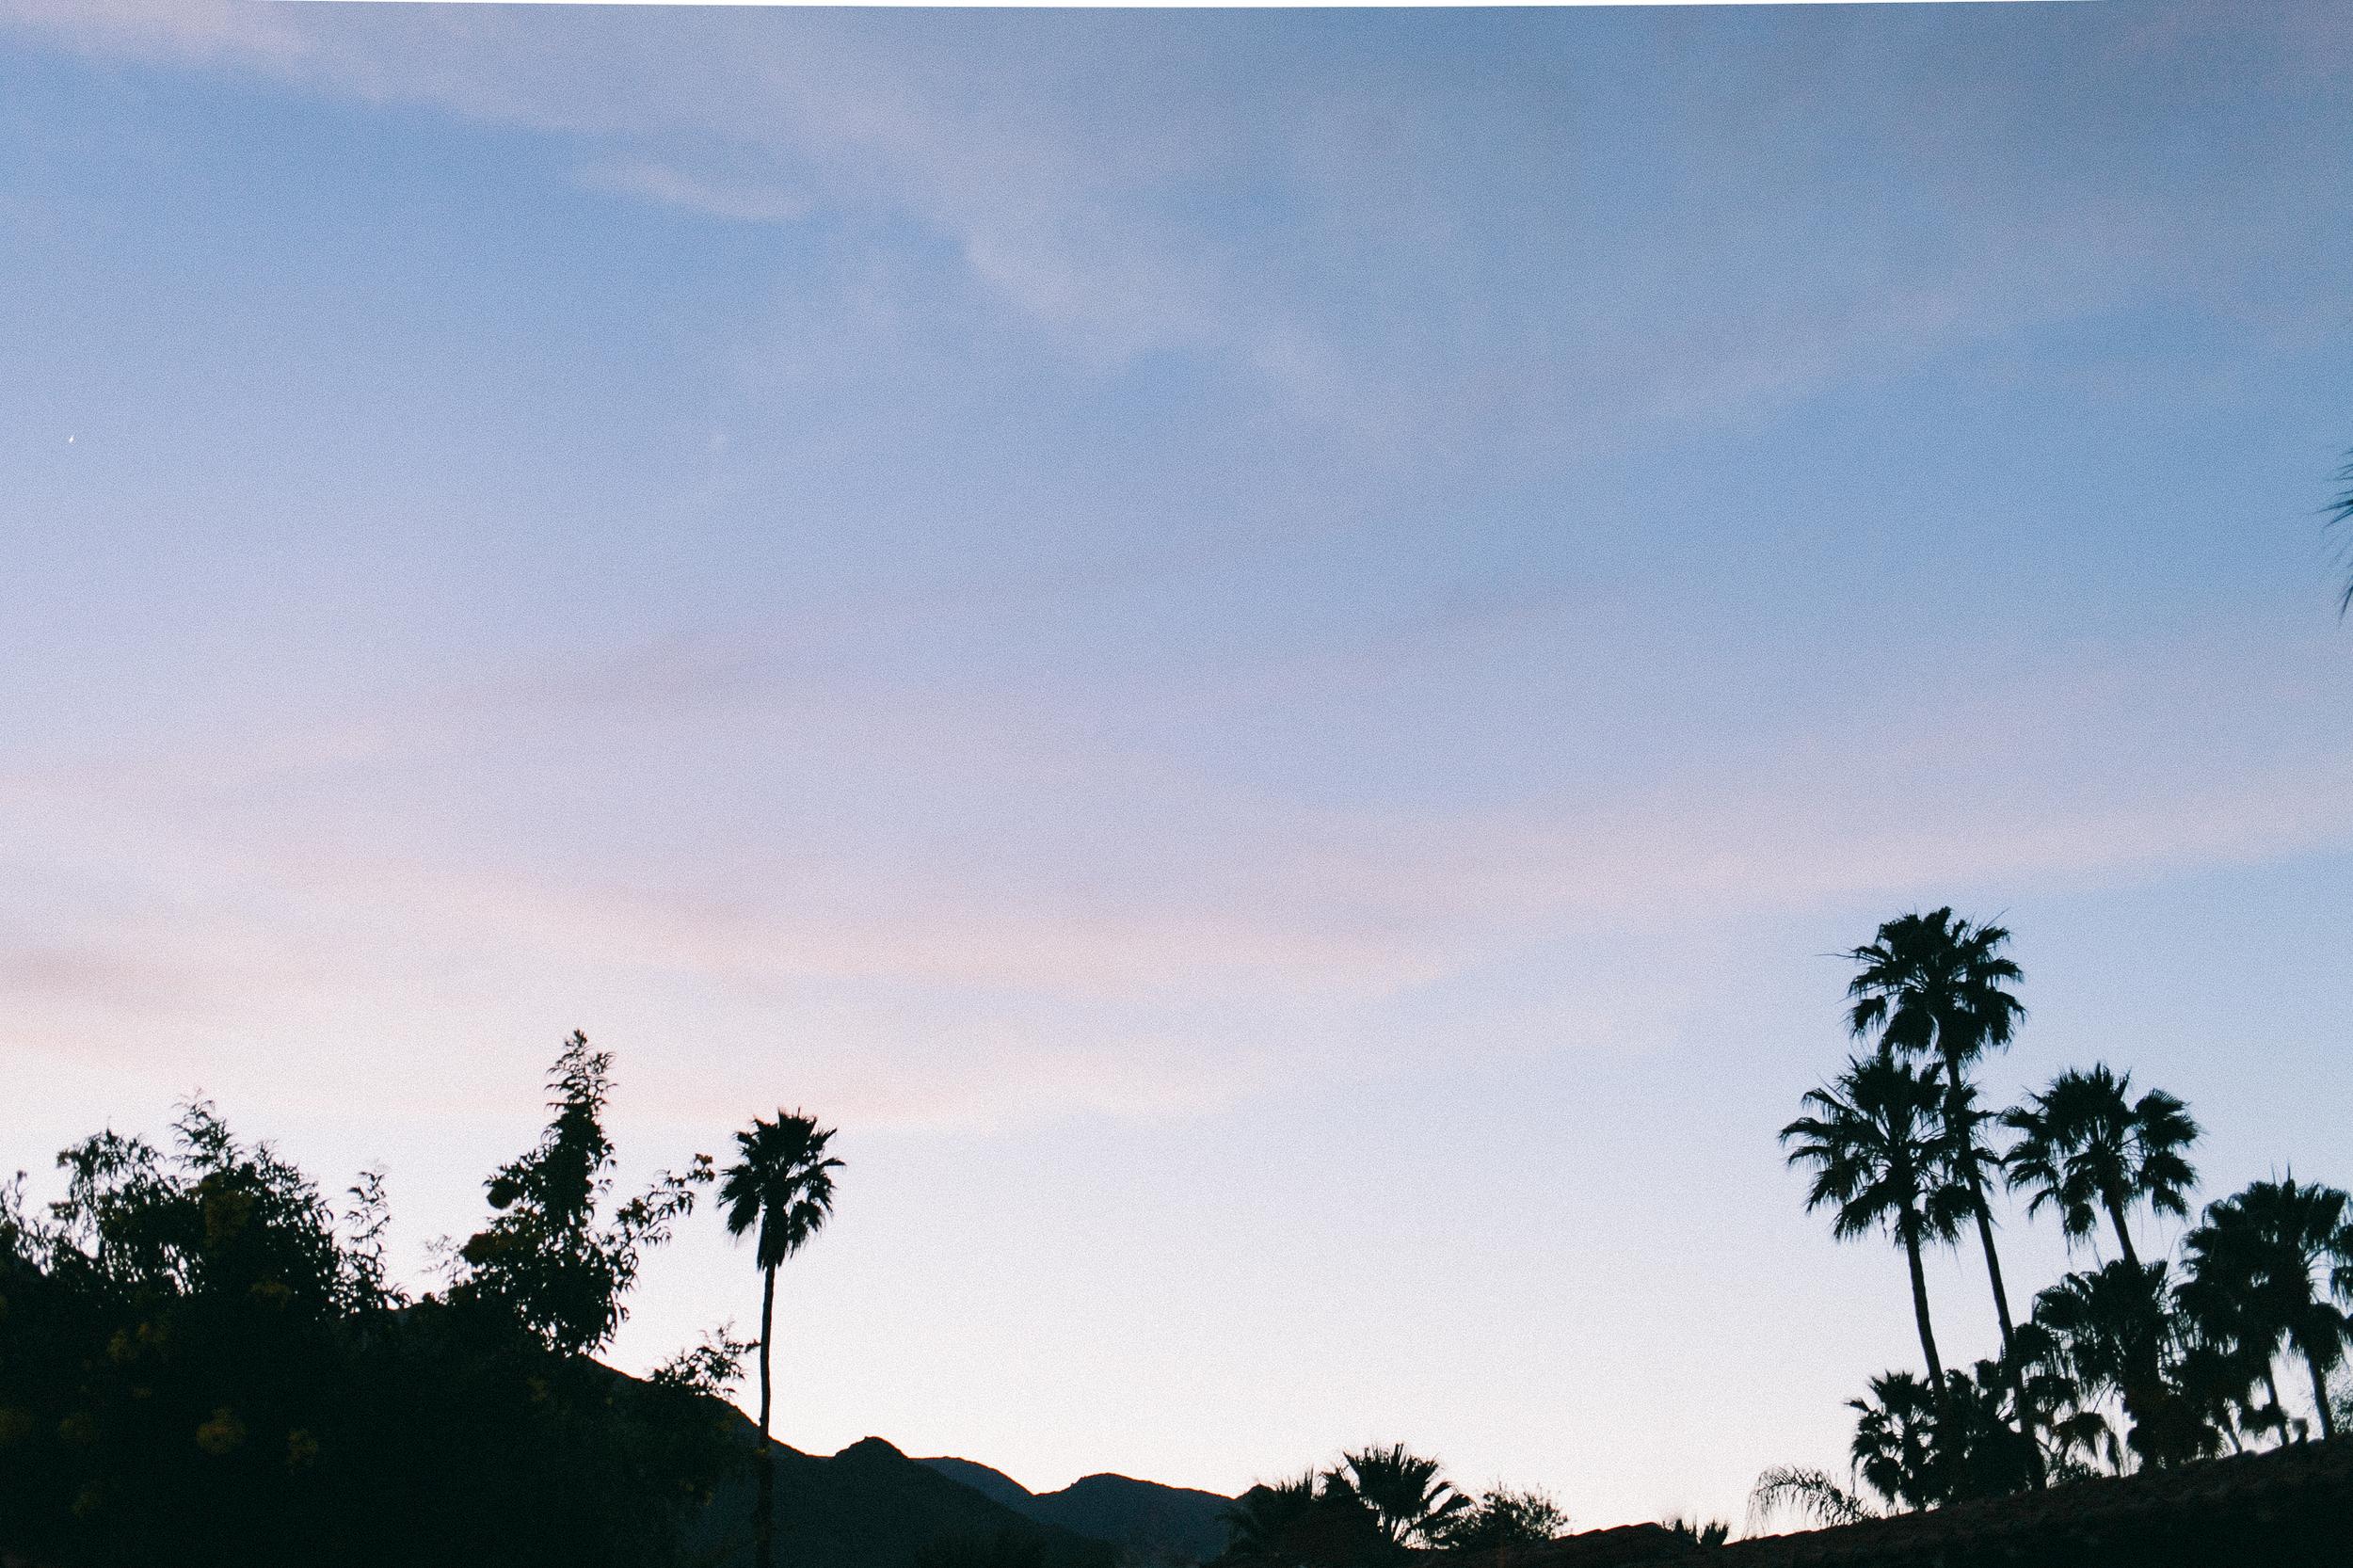 Palm Springs at Dusk by Naomi Yamda